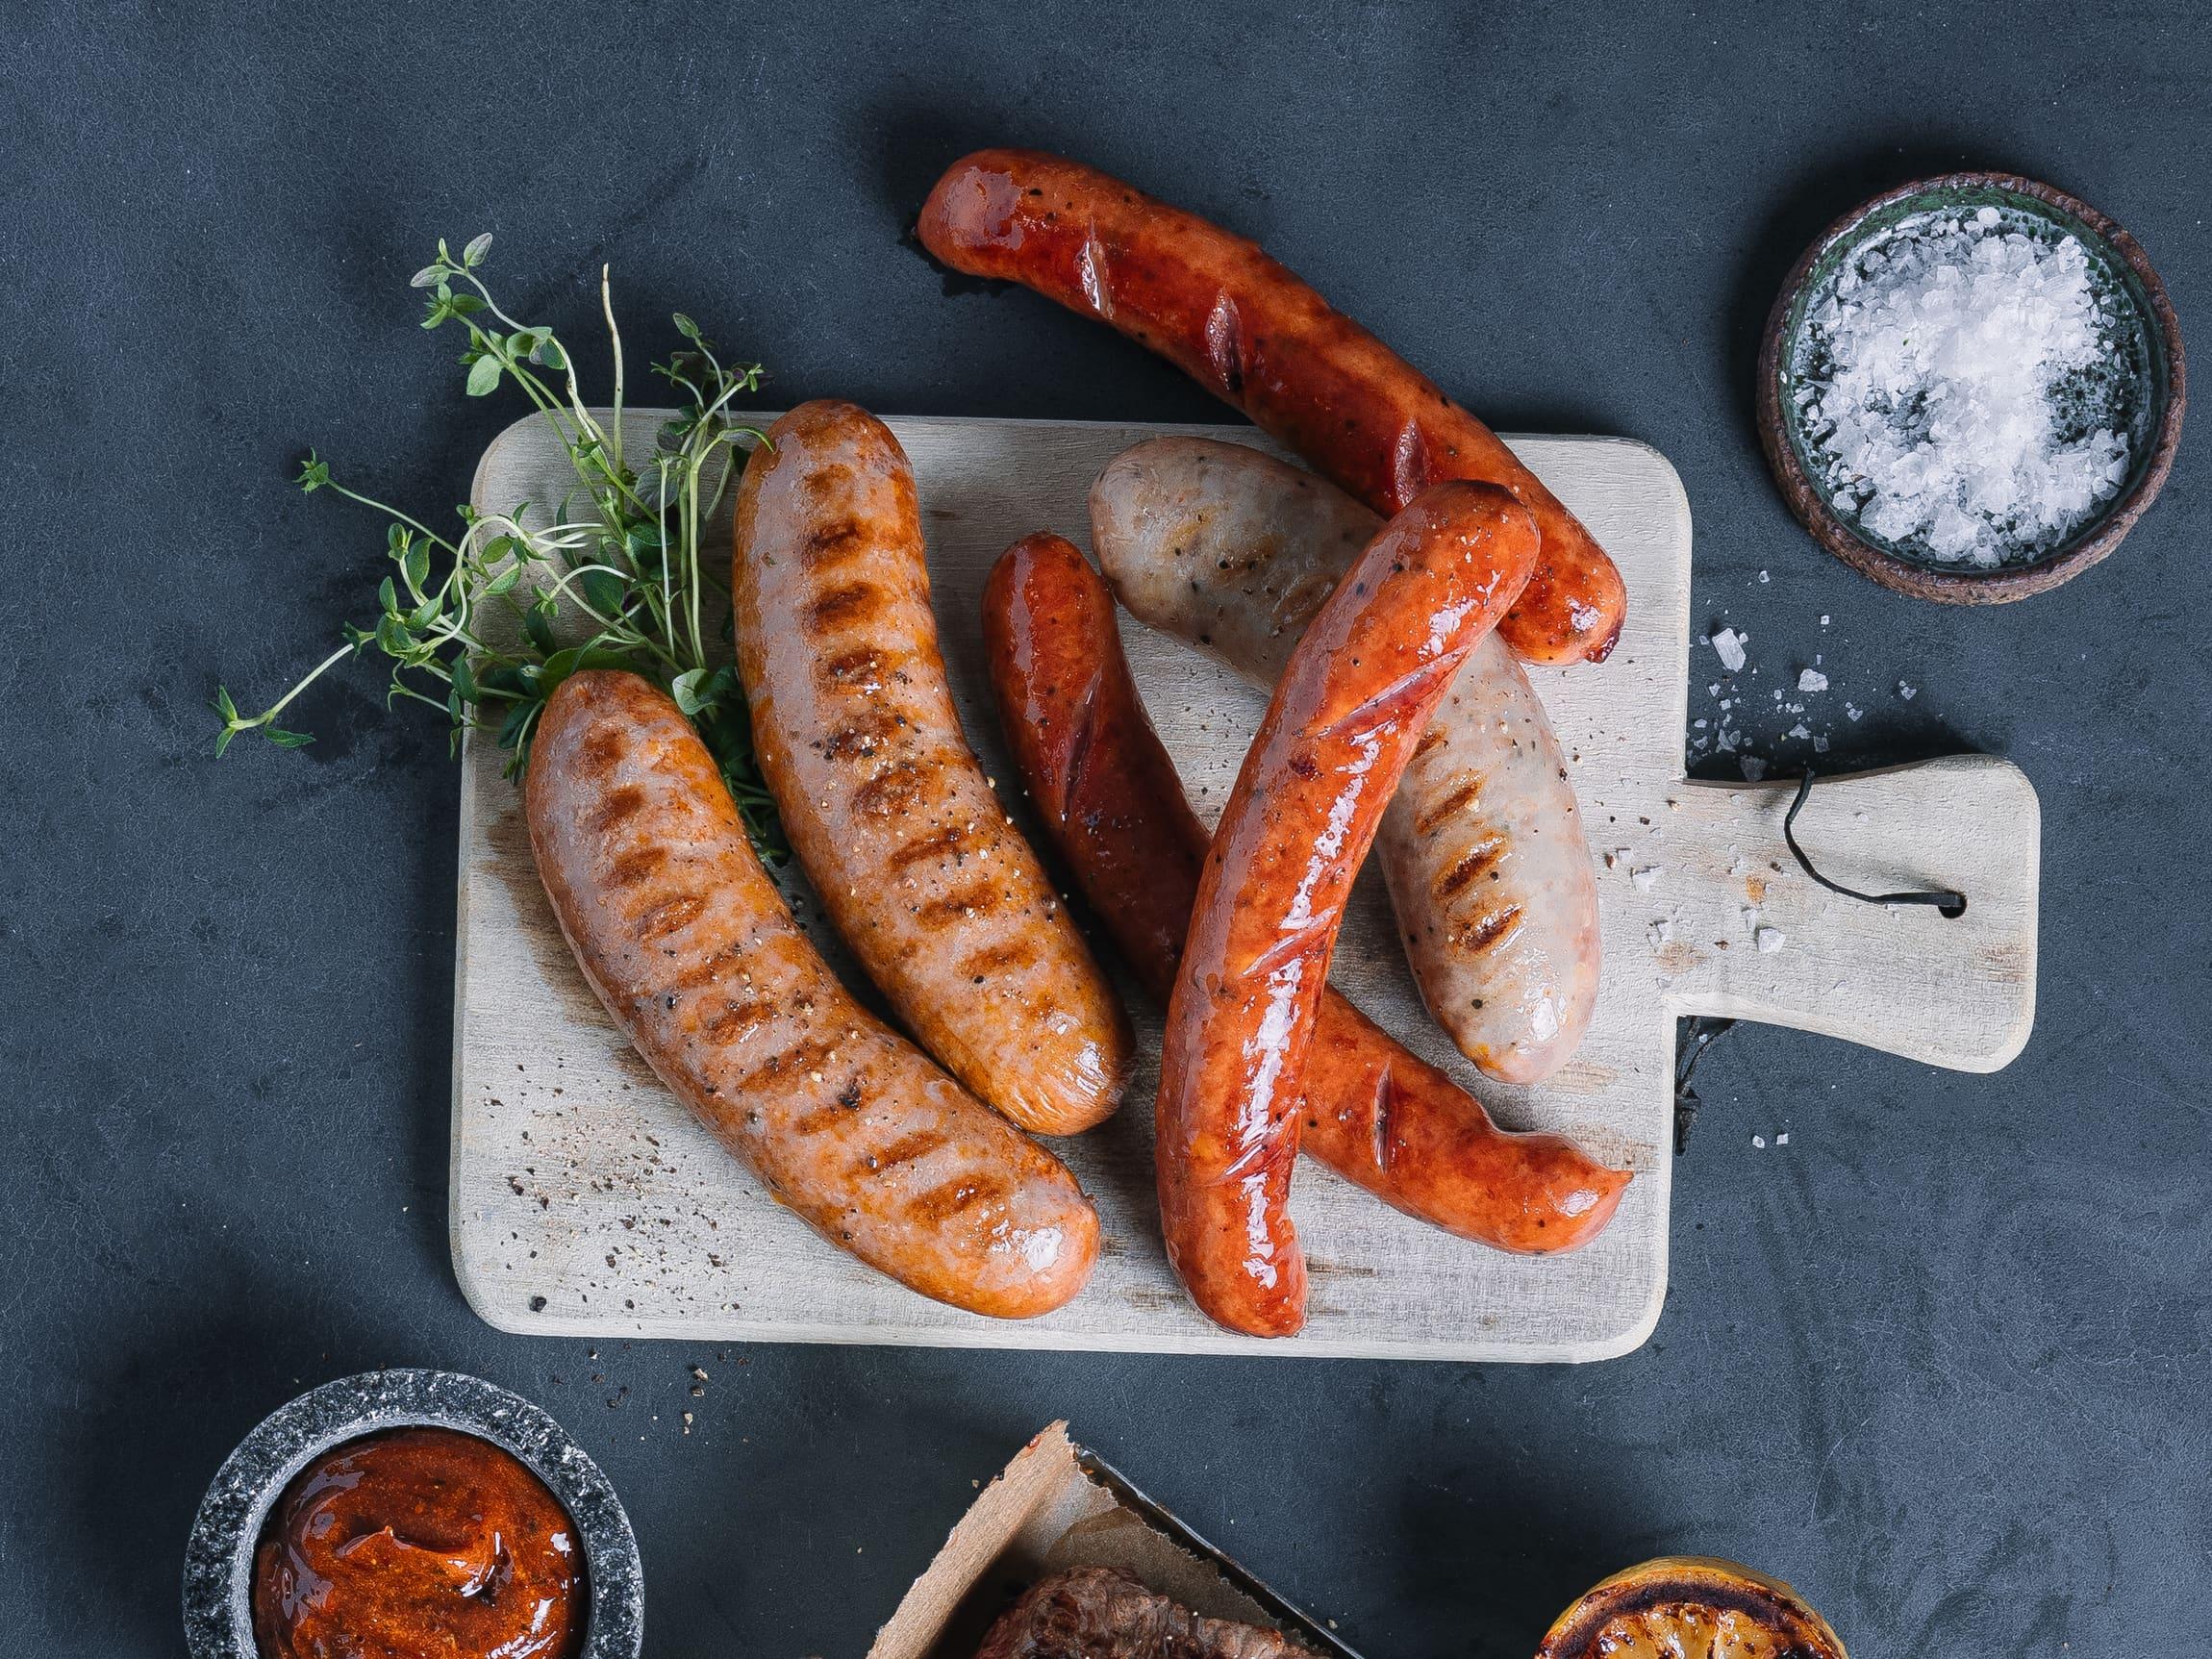 Gourmetpølsene passer godt som hovedattraksjon på tallerkenen. Med gode, rene smaker og spennende krydder blir dette en ny favoritt på grillen i sommer.